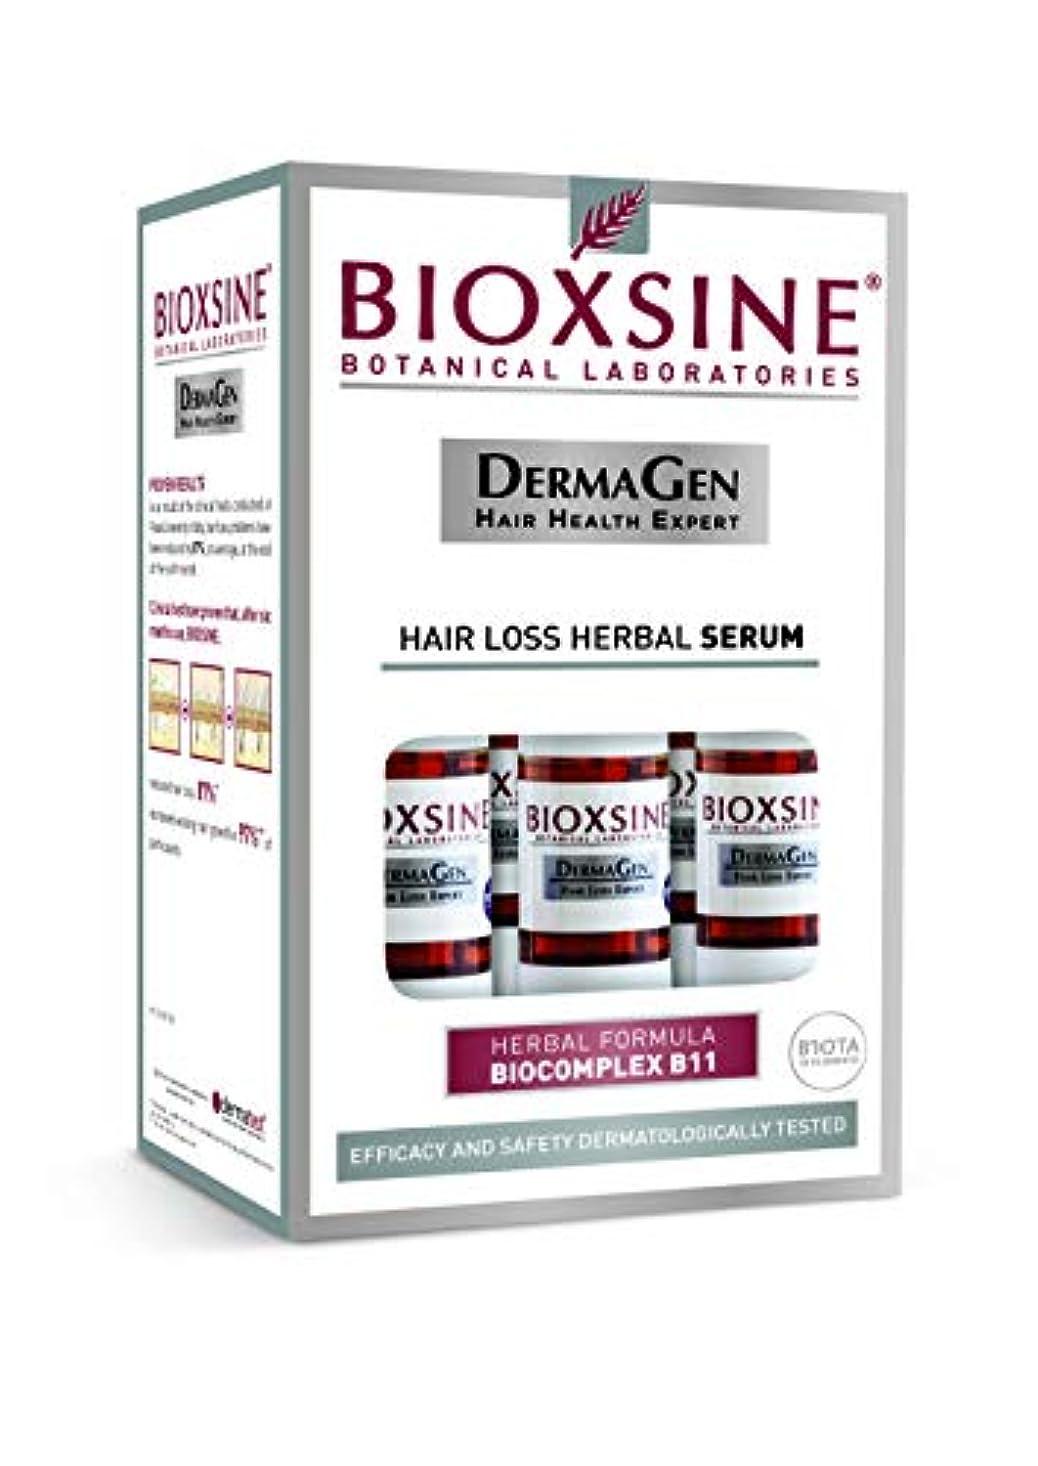 与える製油所ロボット無香料の男性のためのBIOXSINEの毛損失の草の血清 - Biocomplex B11元の